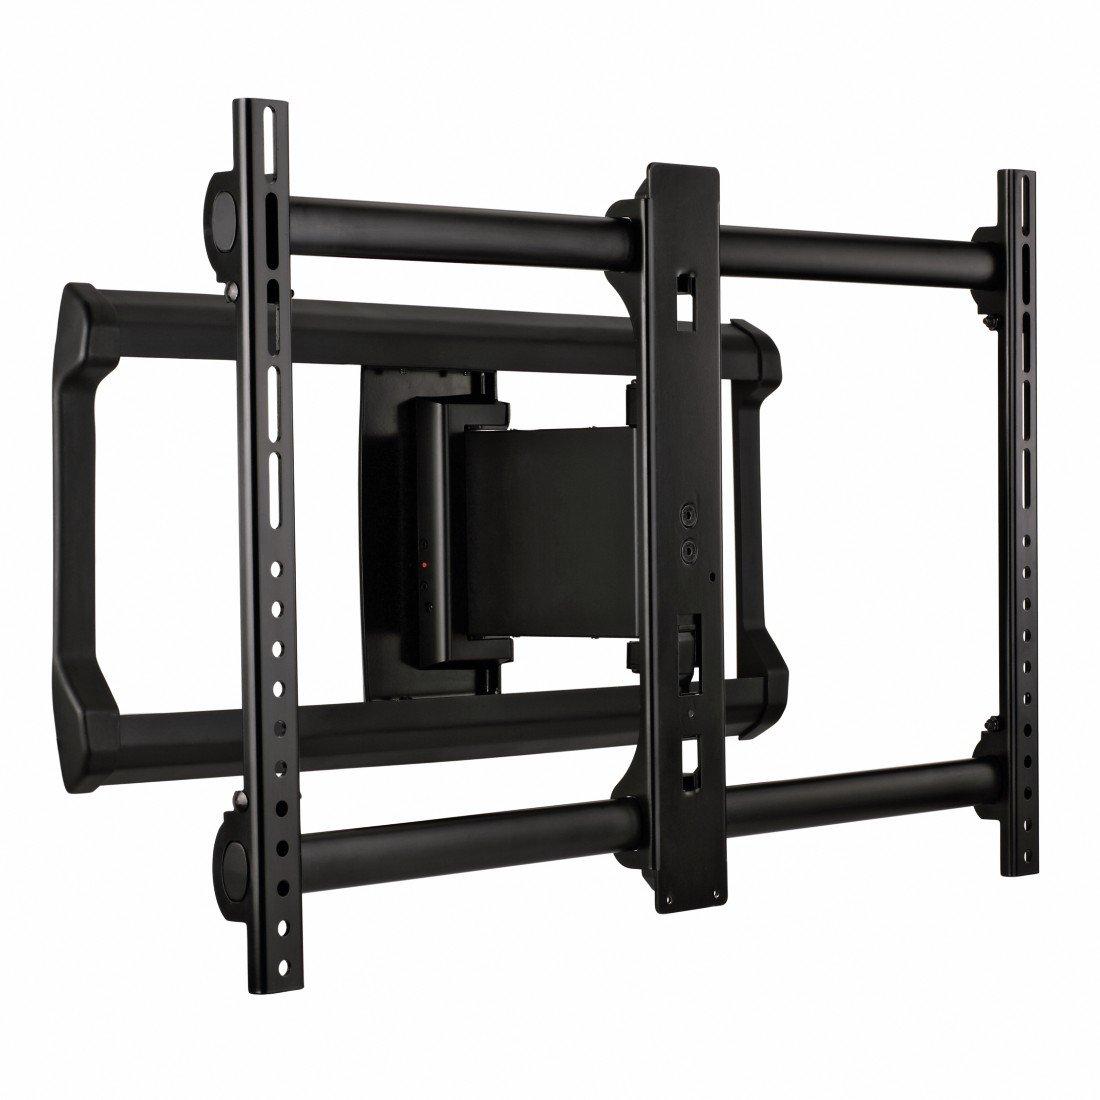 sanus systems tv wandhalterung motorisiert fr amazonde computer zubehr - Motorisierte Tvhalterung Unter Dem Bett